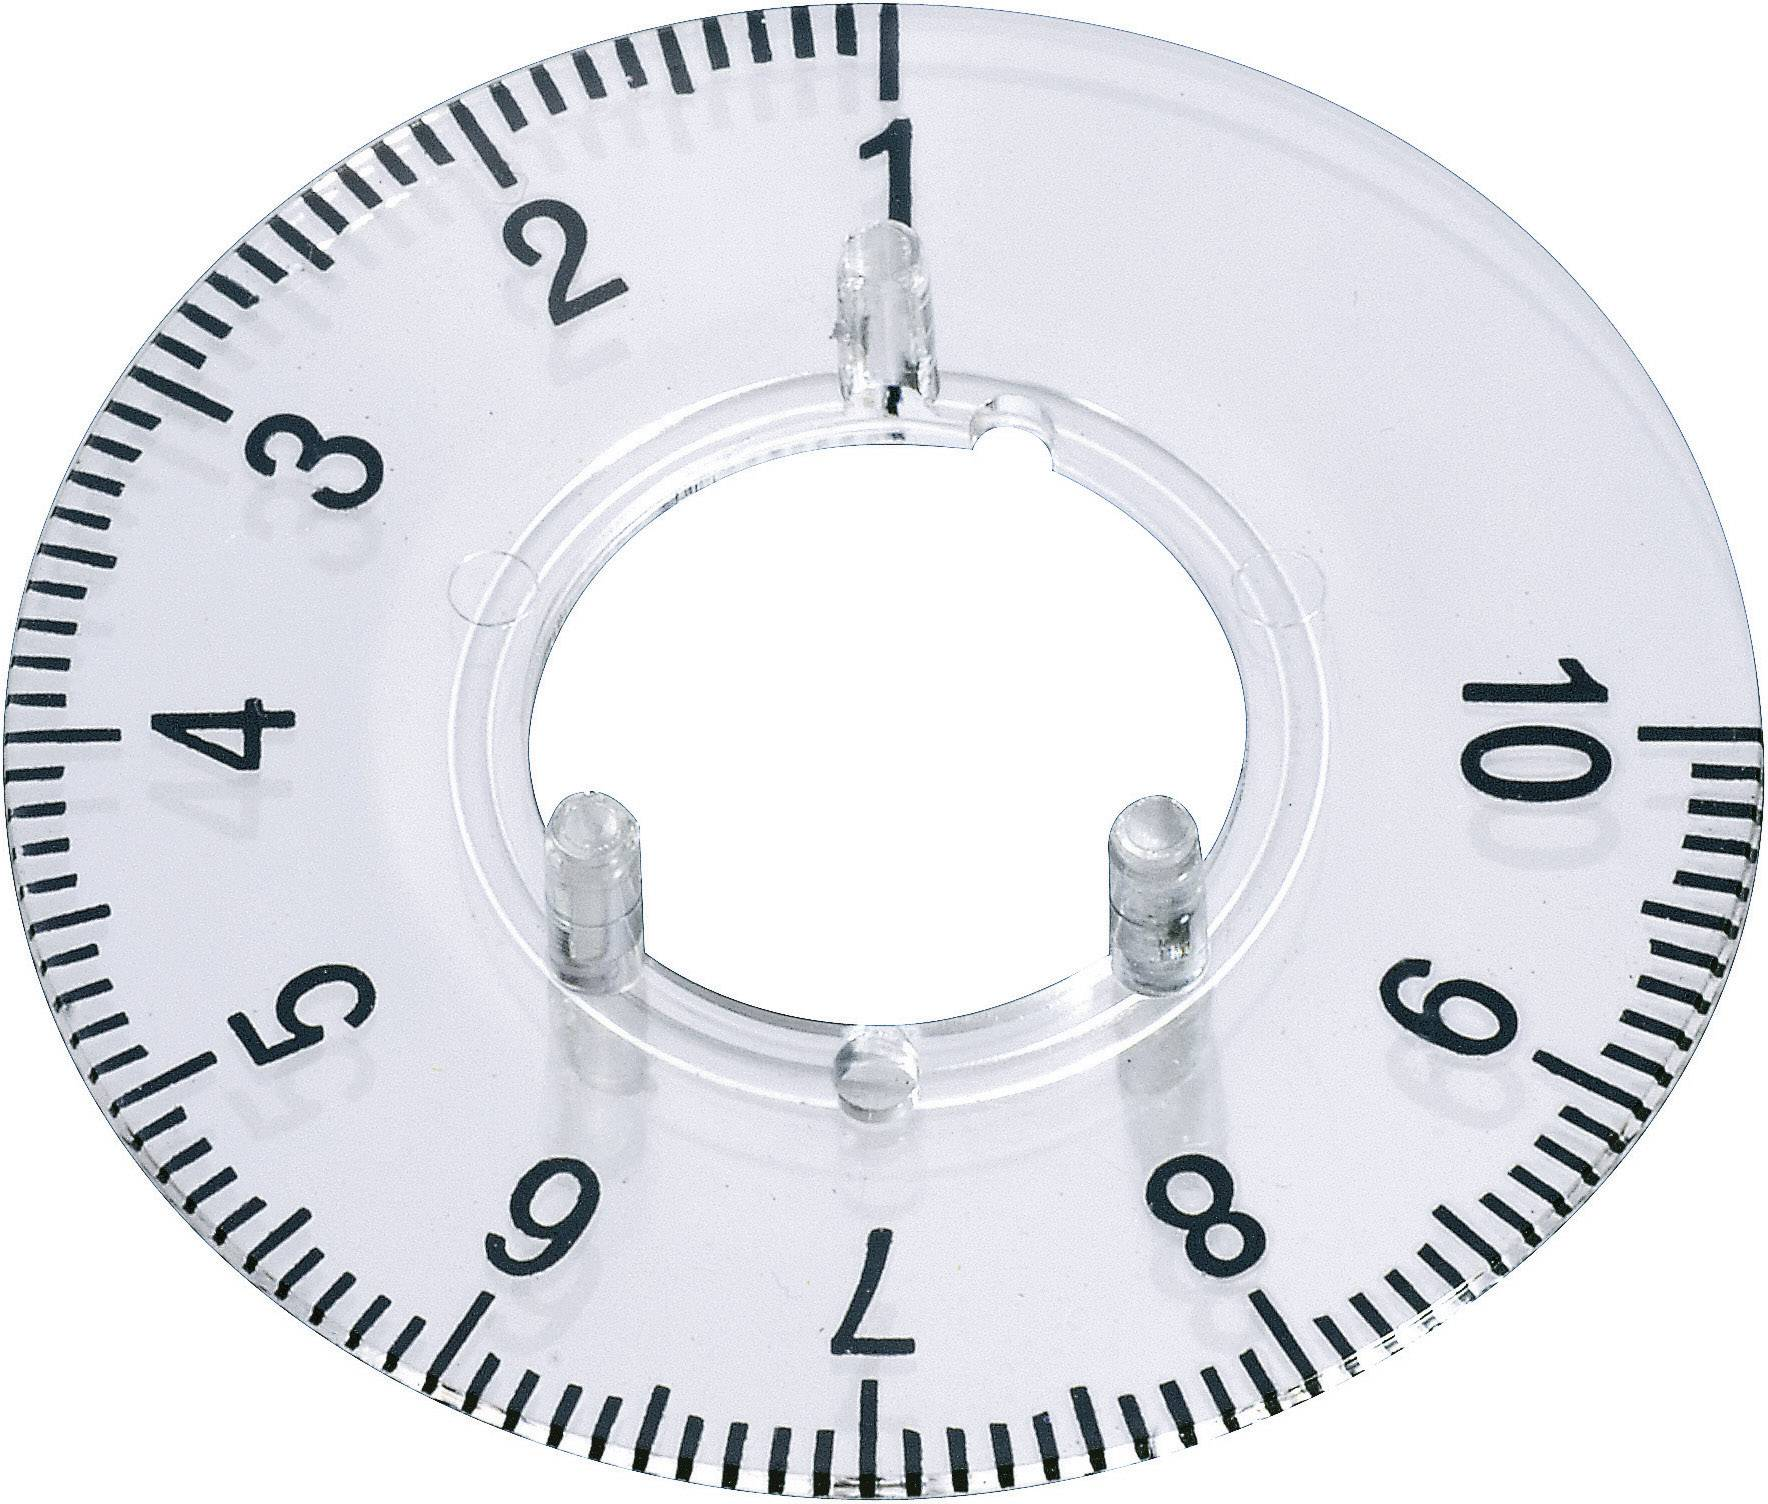 Kruhová stupnice OKW, vhodná pro knoflík Ø 23 mm,rozsah 1-10, transparentní